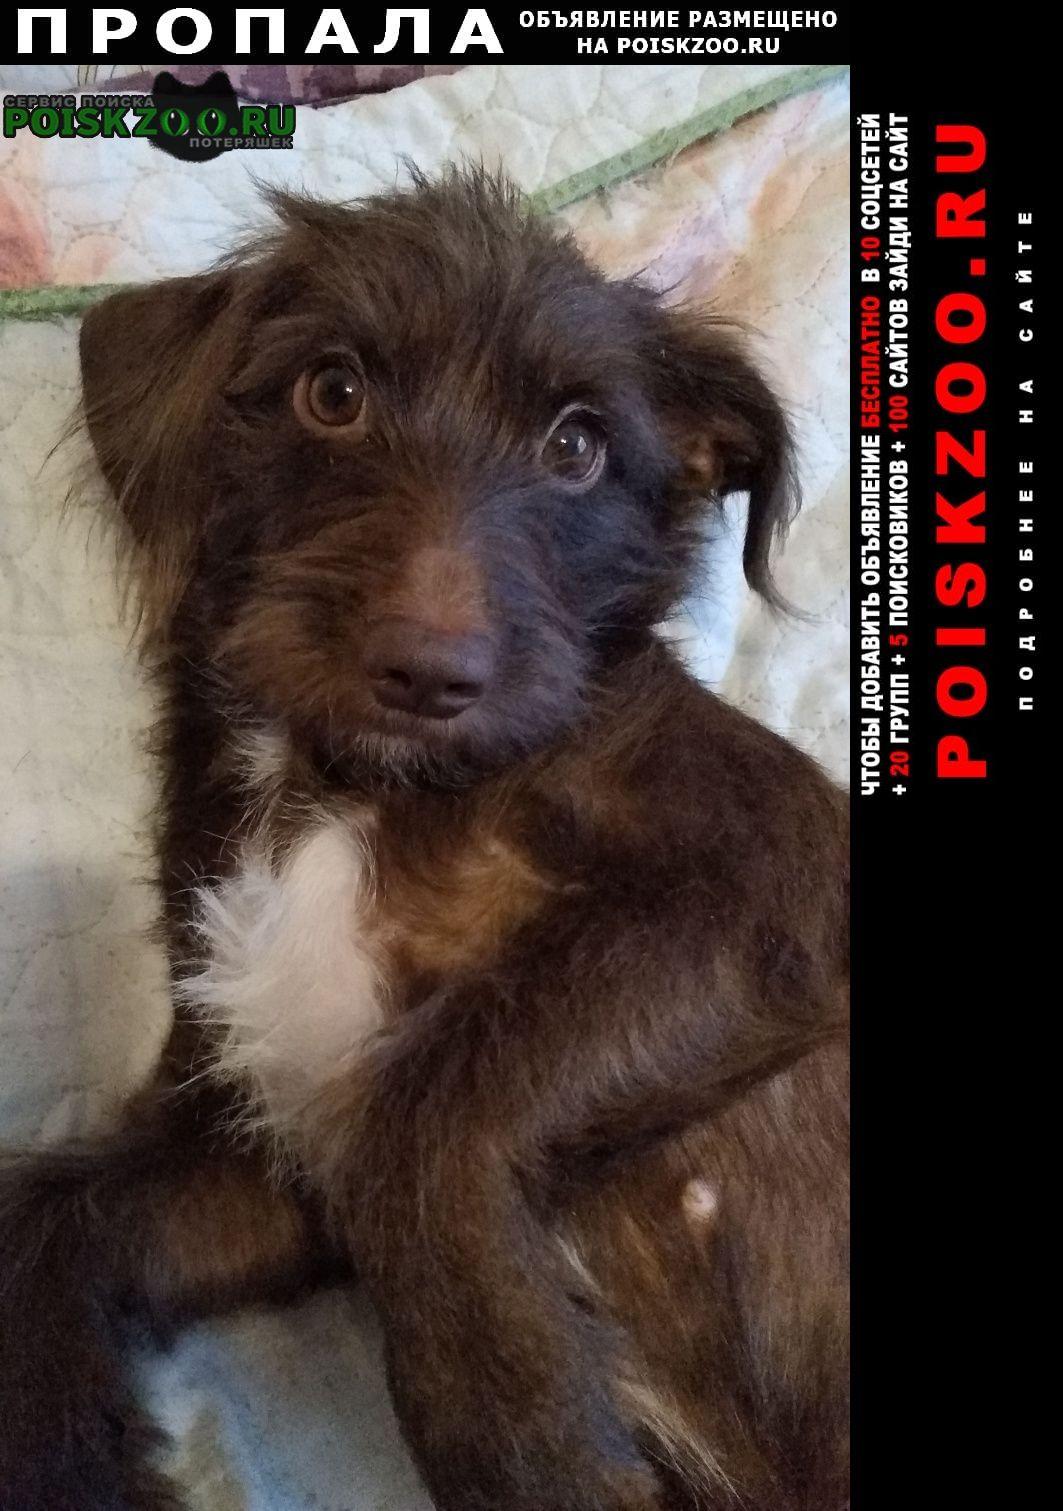 Пропала собака 13 июня менделеева 12 Омск